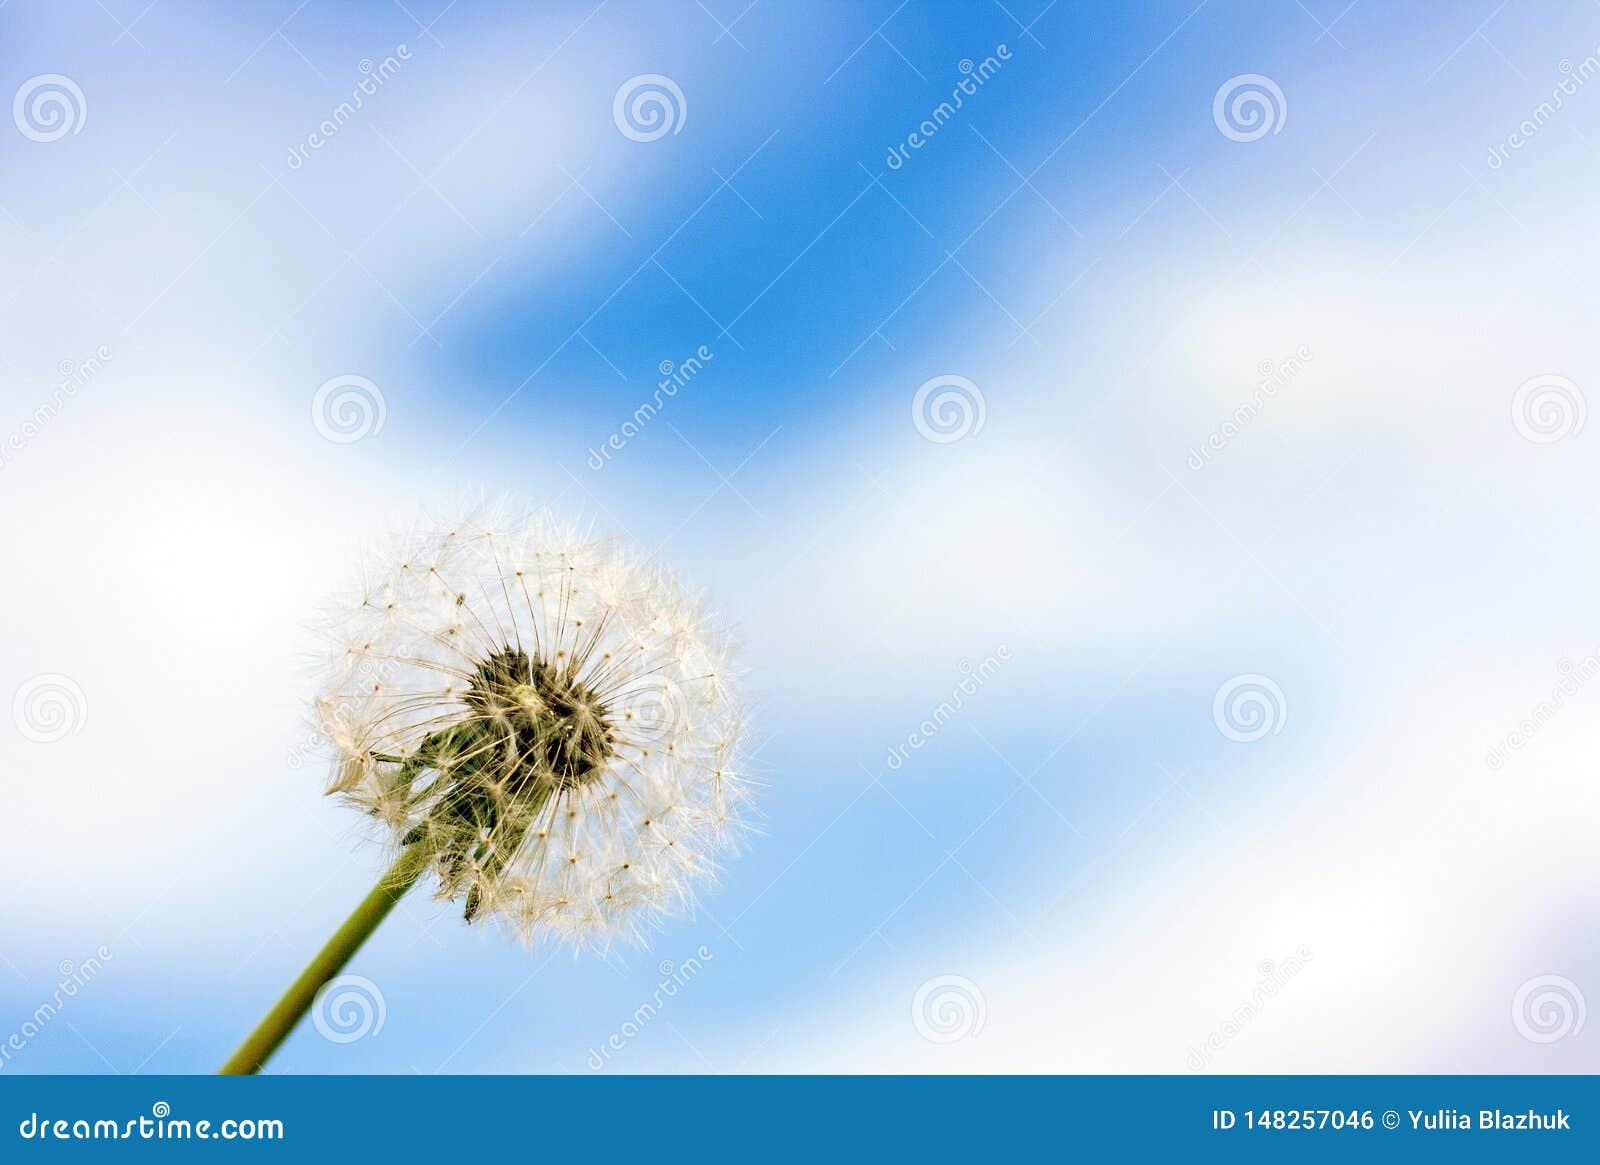 Fiore del dente di leone contro cielo blu con il fondo delle nuvole